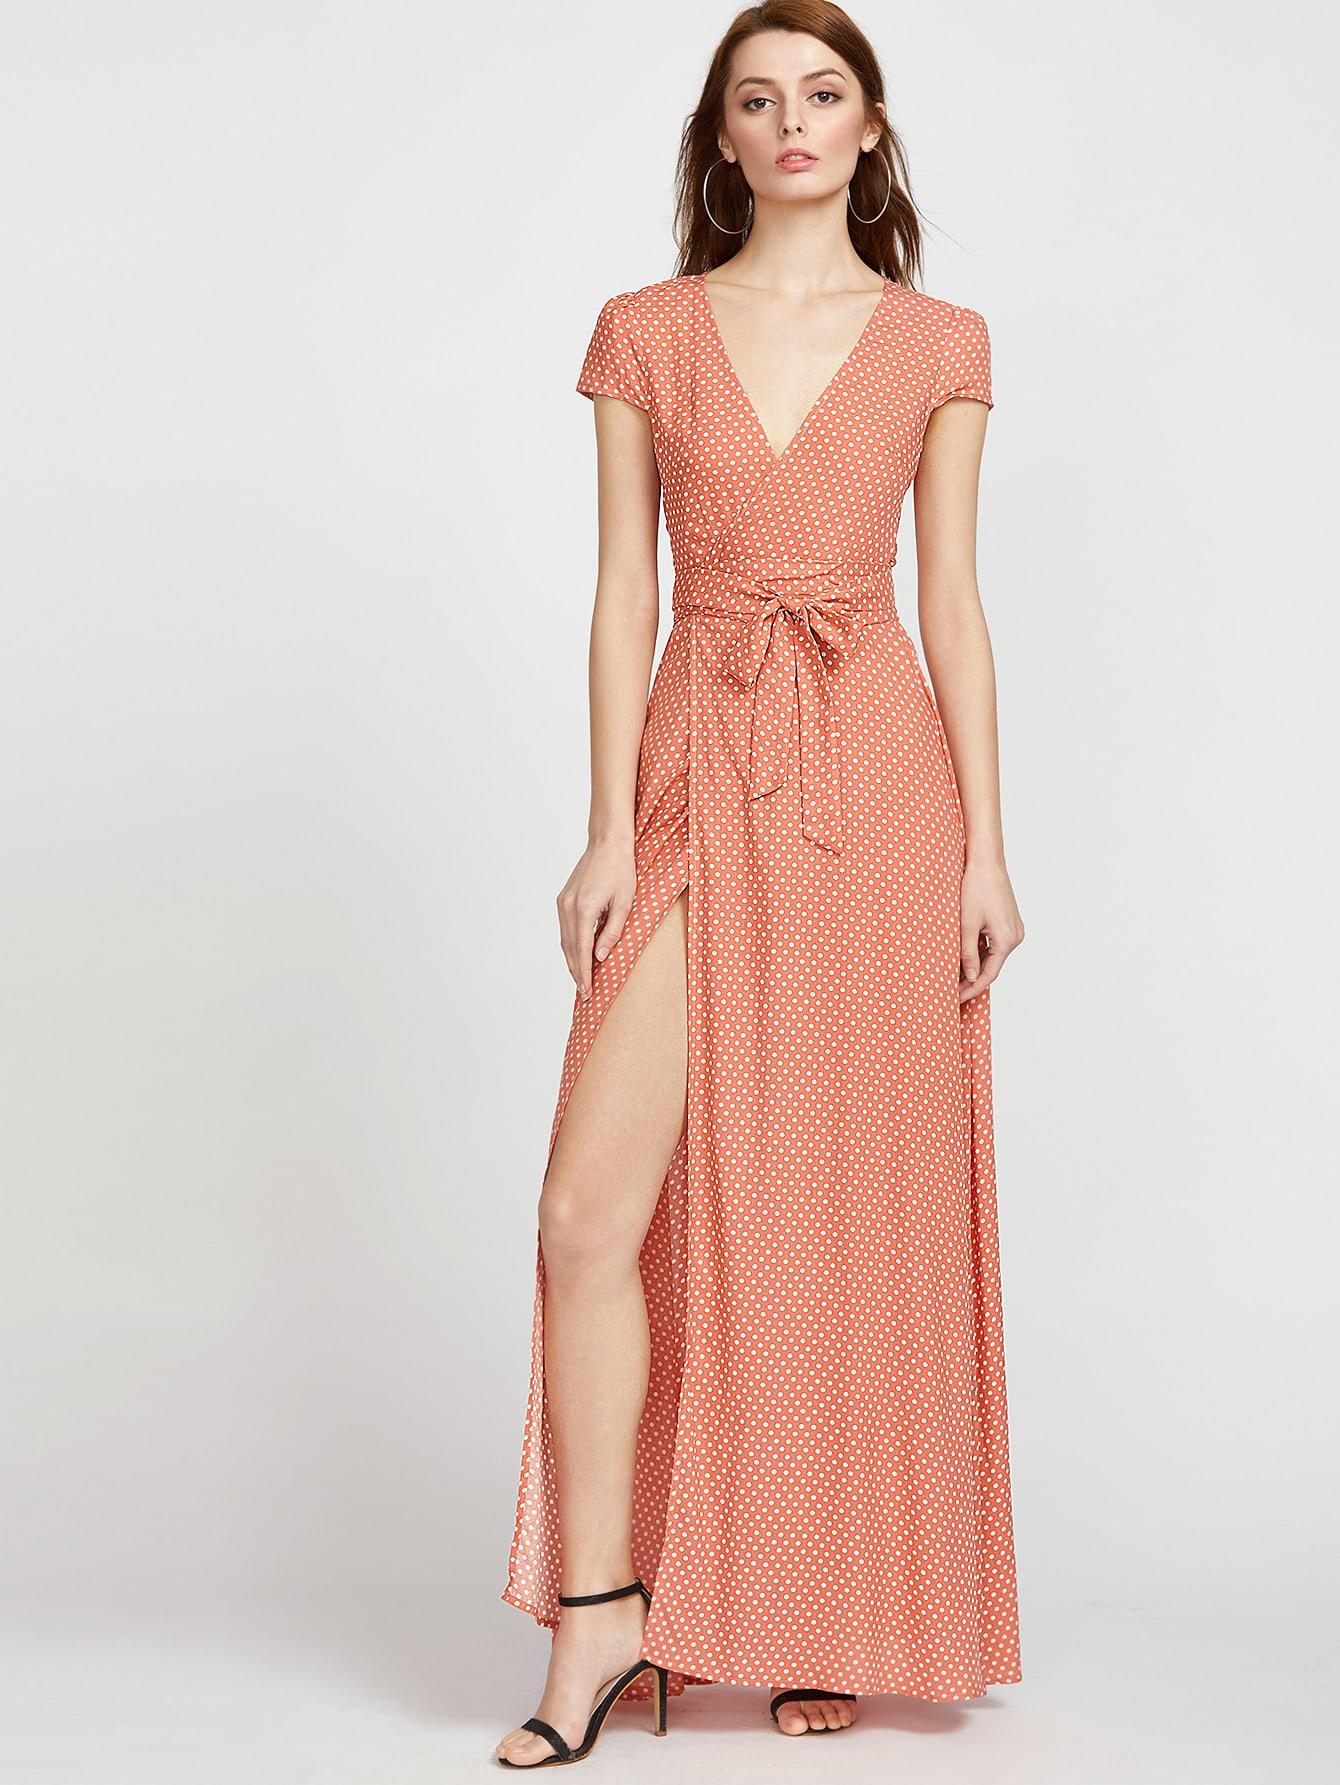 dress170317705_2